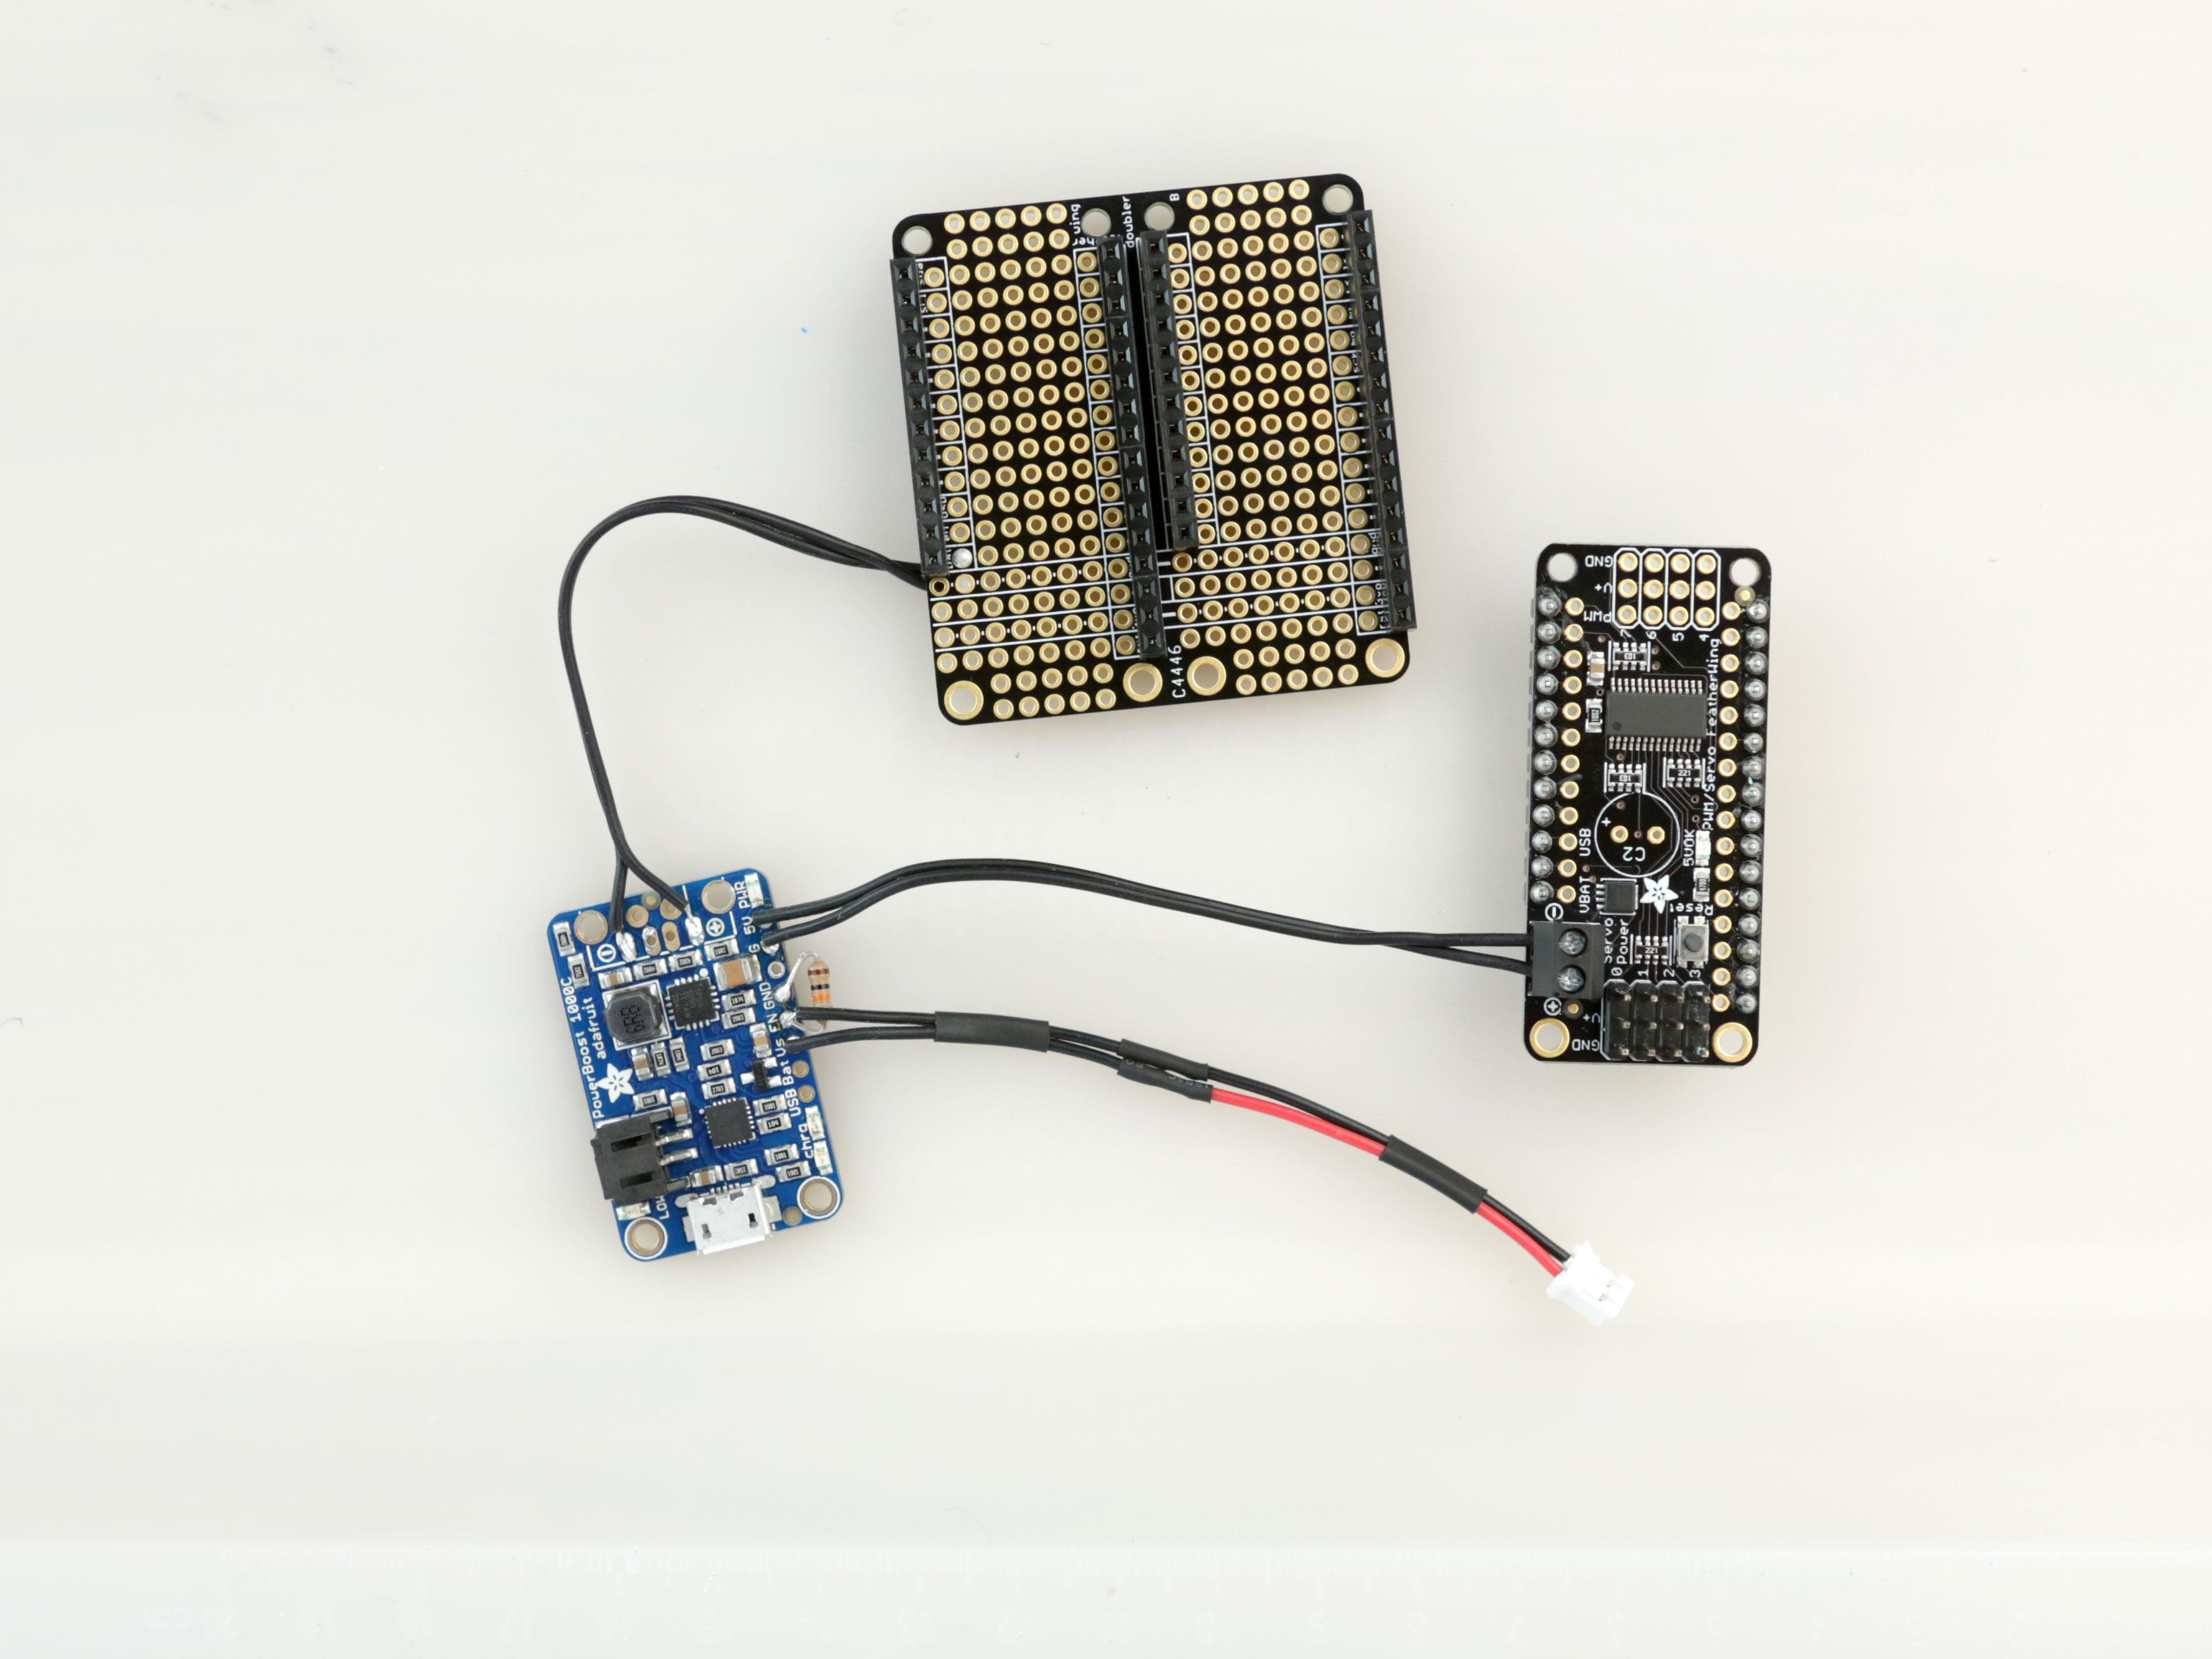 3d_printing_powerboost-servowing-connected.jpg